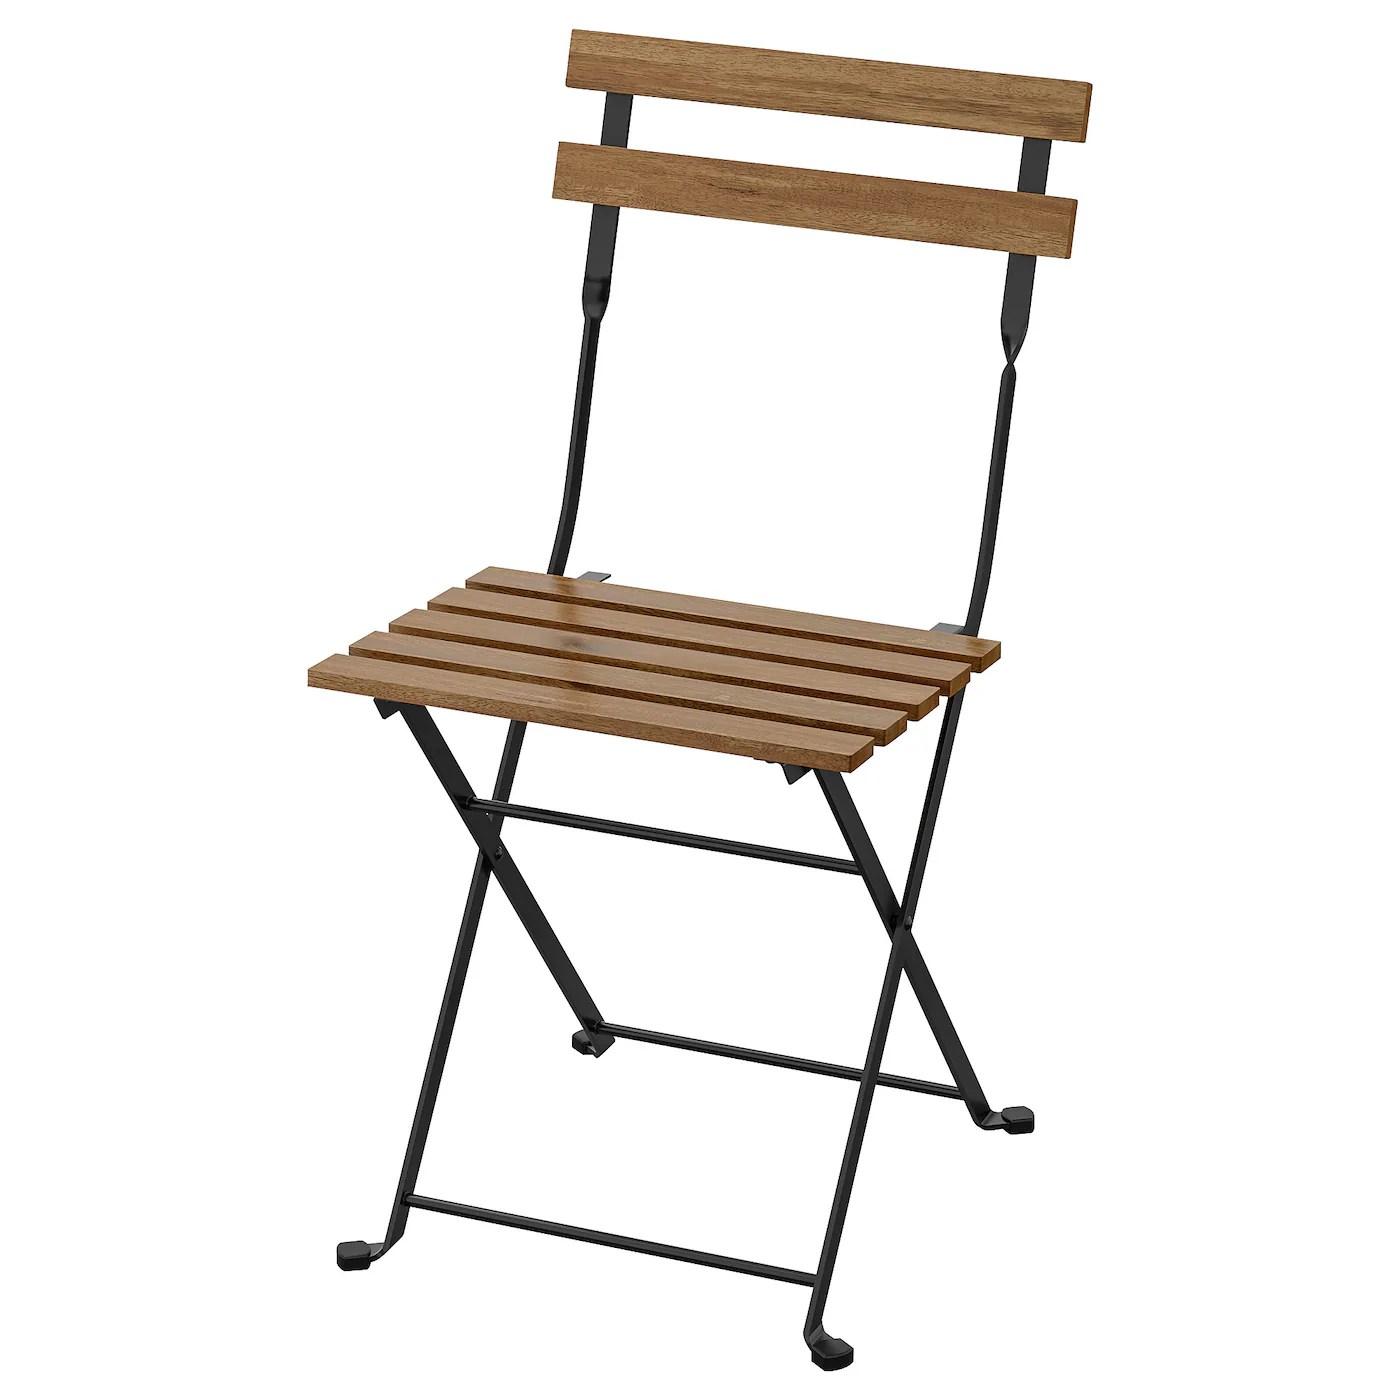 tarno chaise exterieur pliable noir teinte brun clair